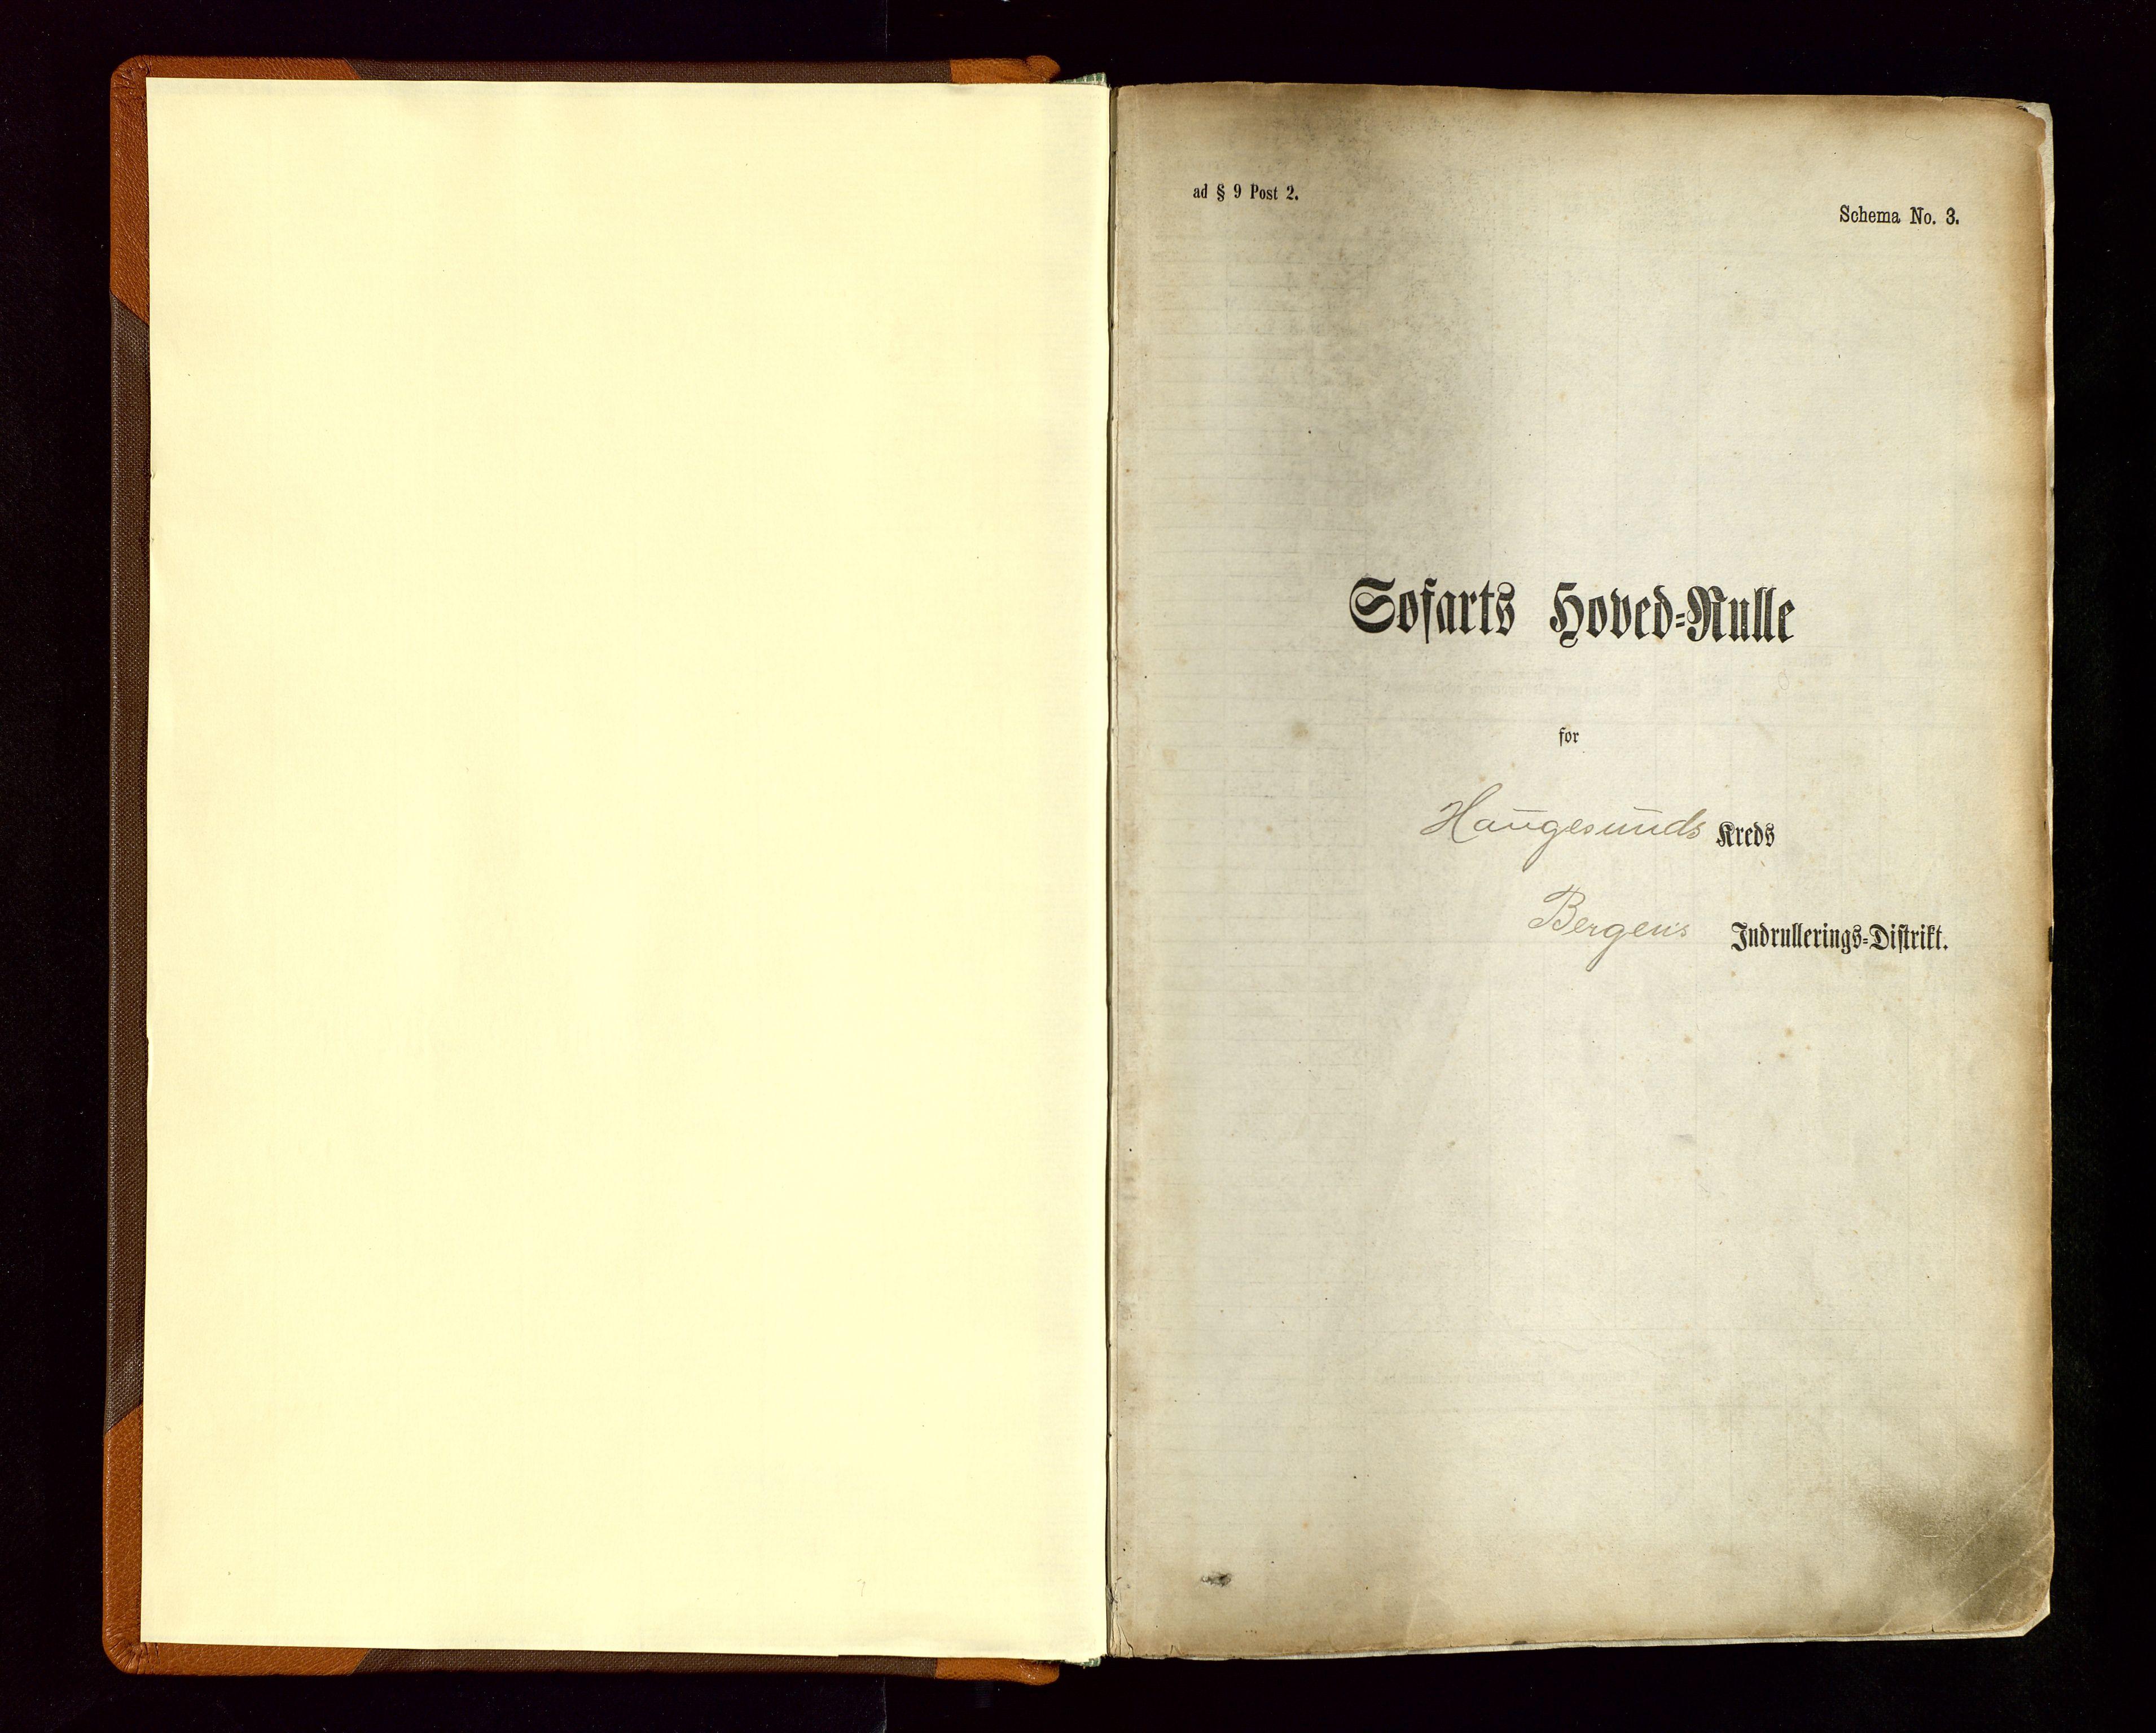 SAST, Haugesund sjømannskontor, F/Fb/Fbb/L0004: Sjøfartsrulle Haugesund krets nr. 1-1922, 1868-1948